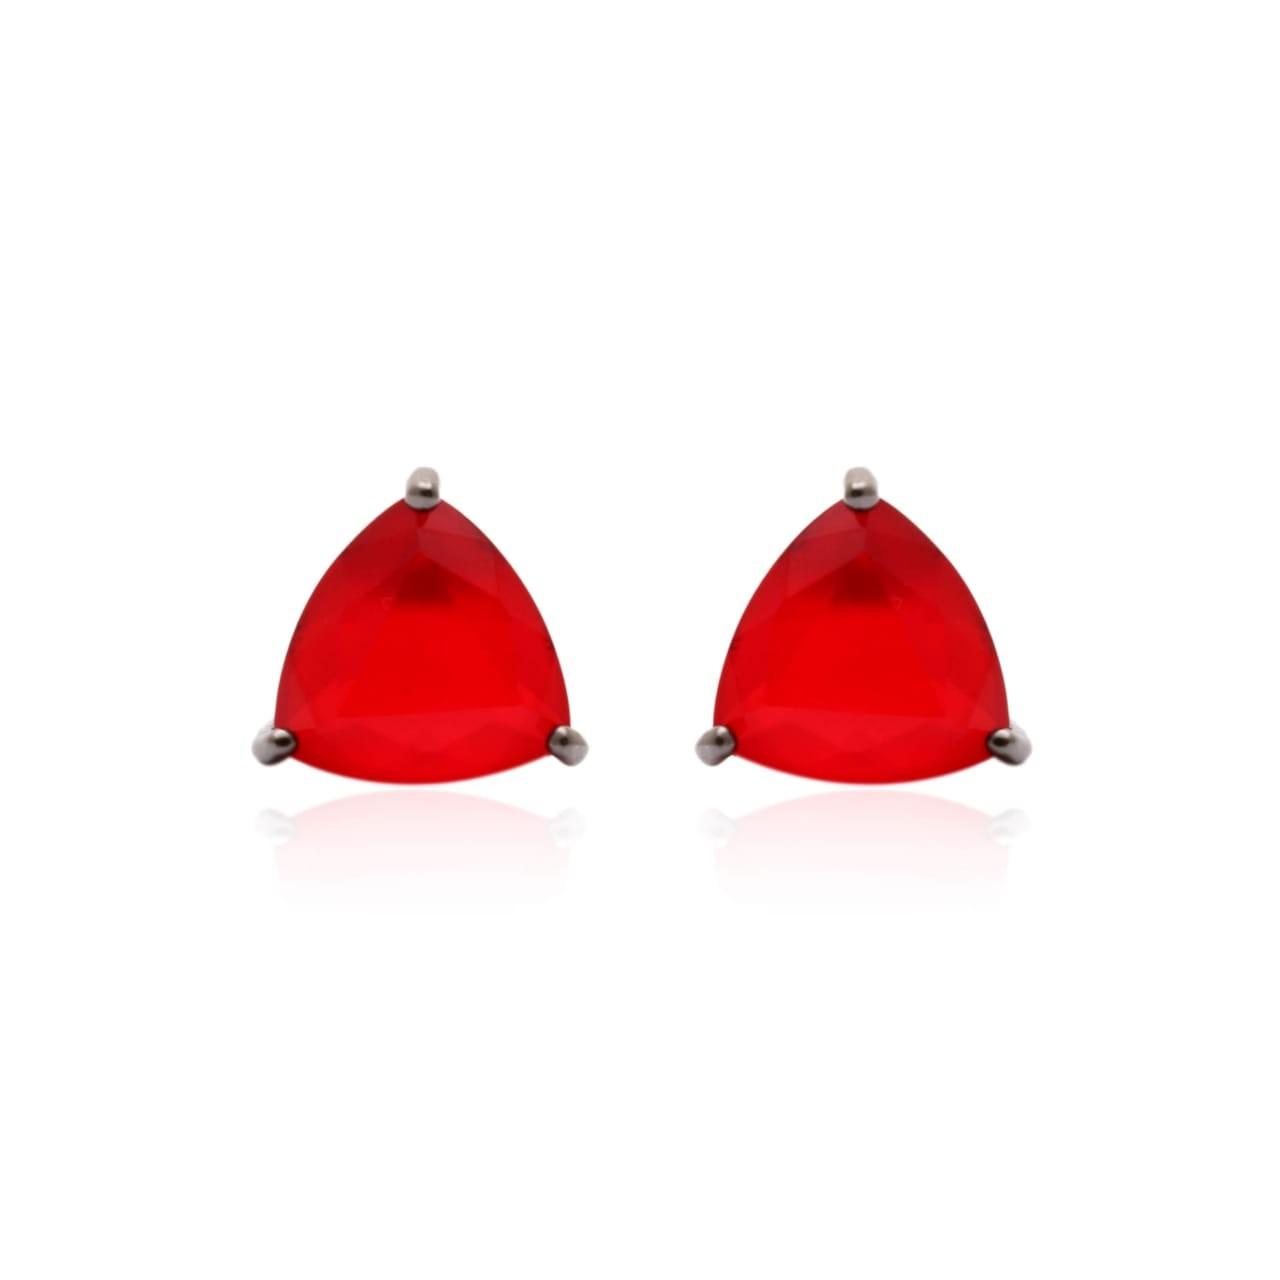 Brinco Cristal Rubi Triangulo Semijoia